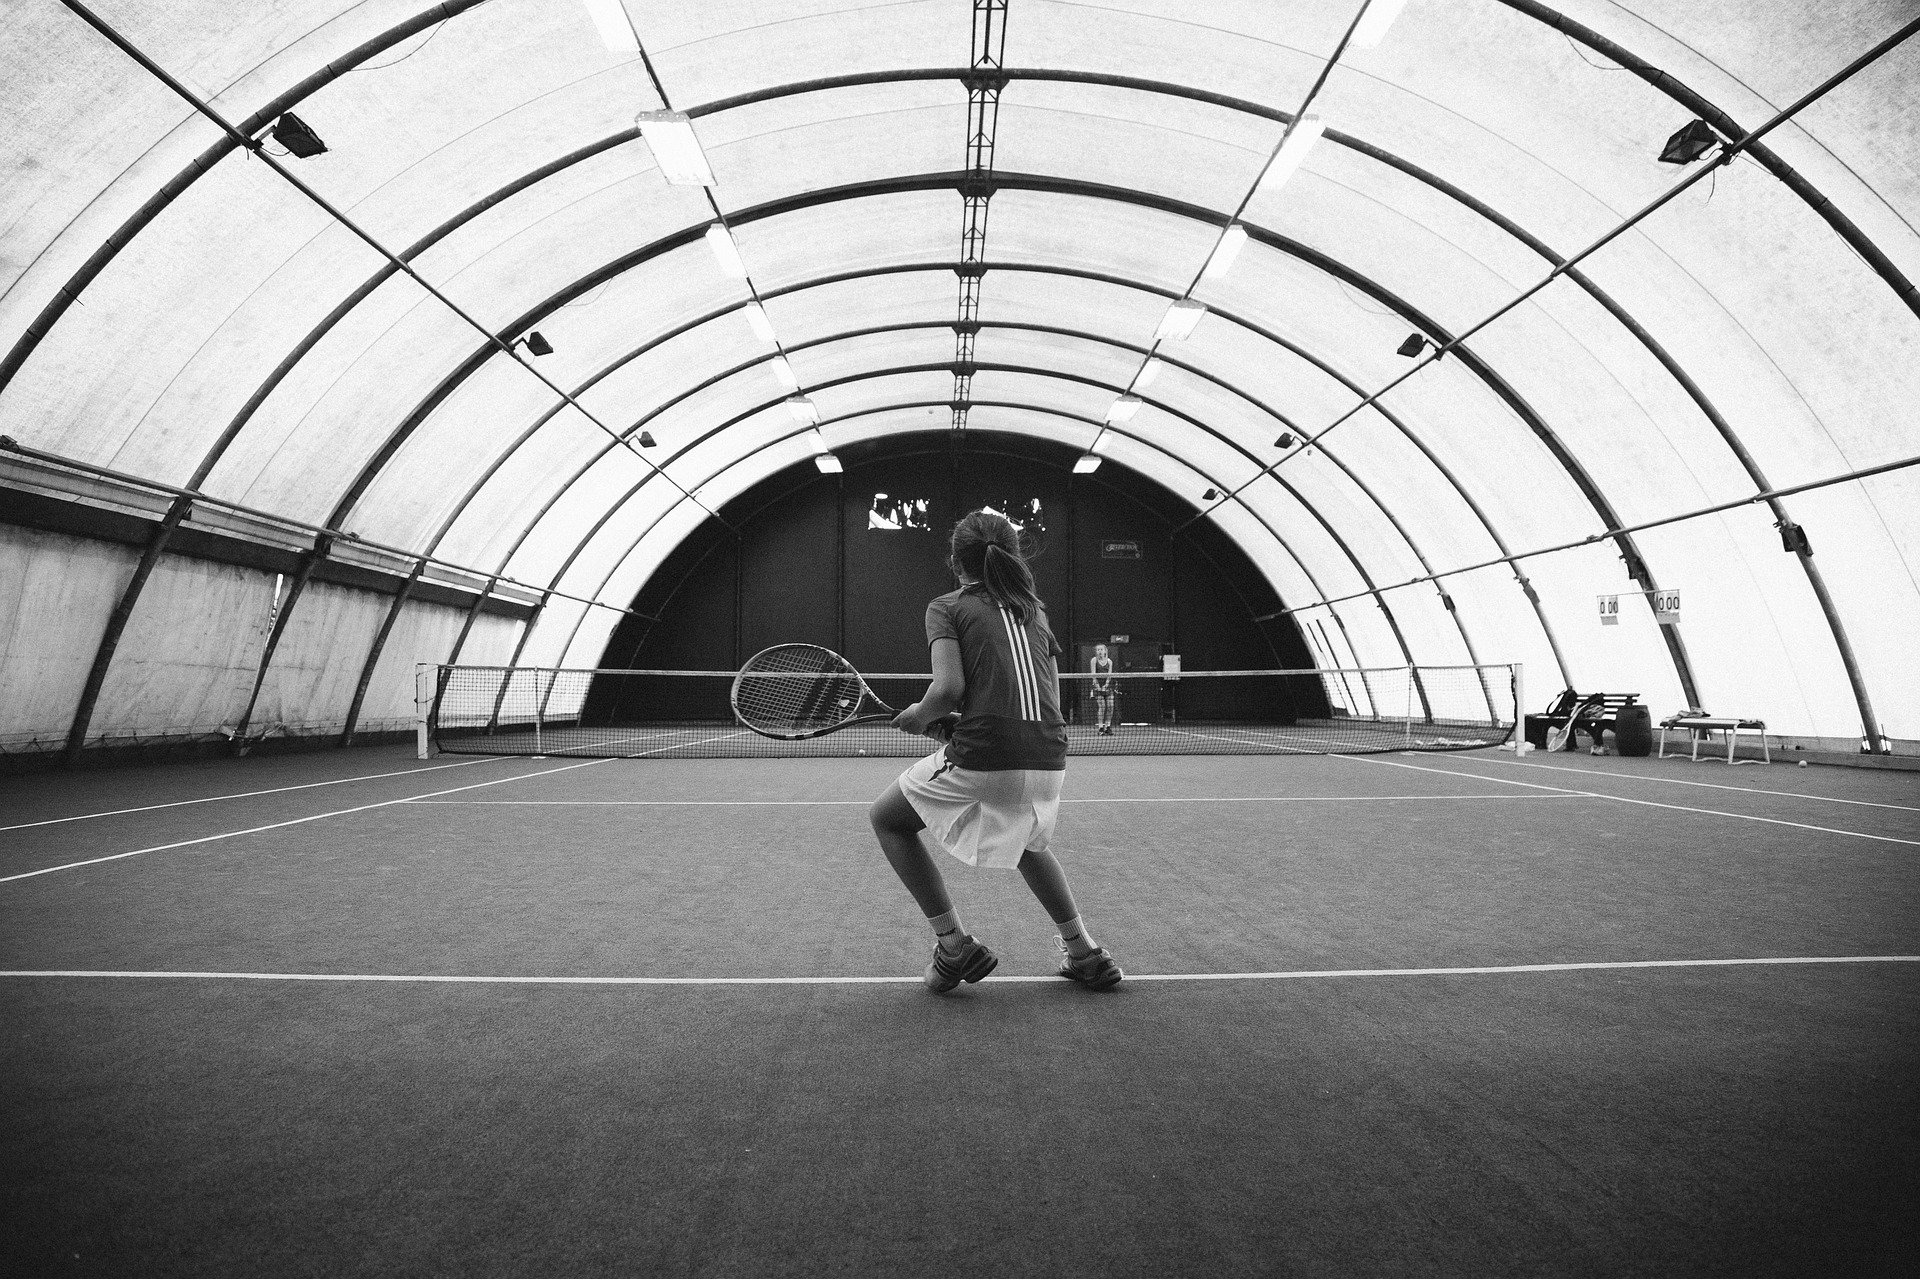 テニスをしている人間